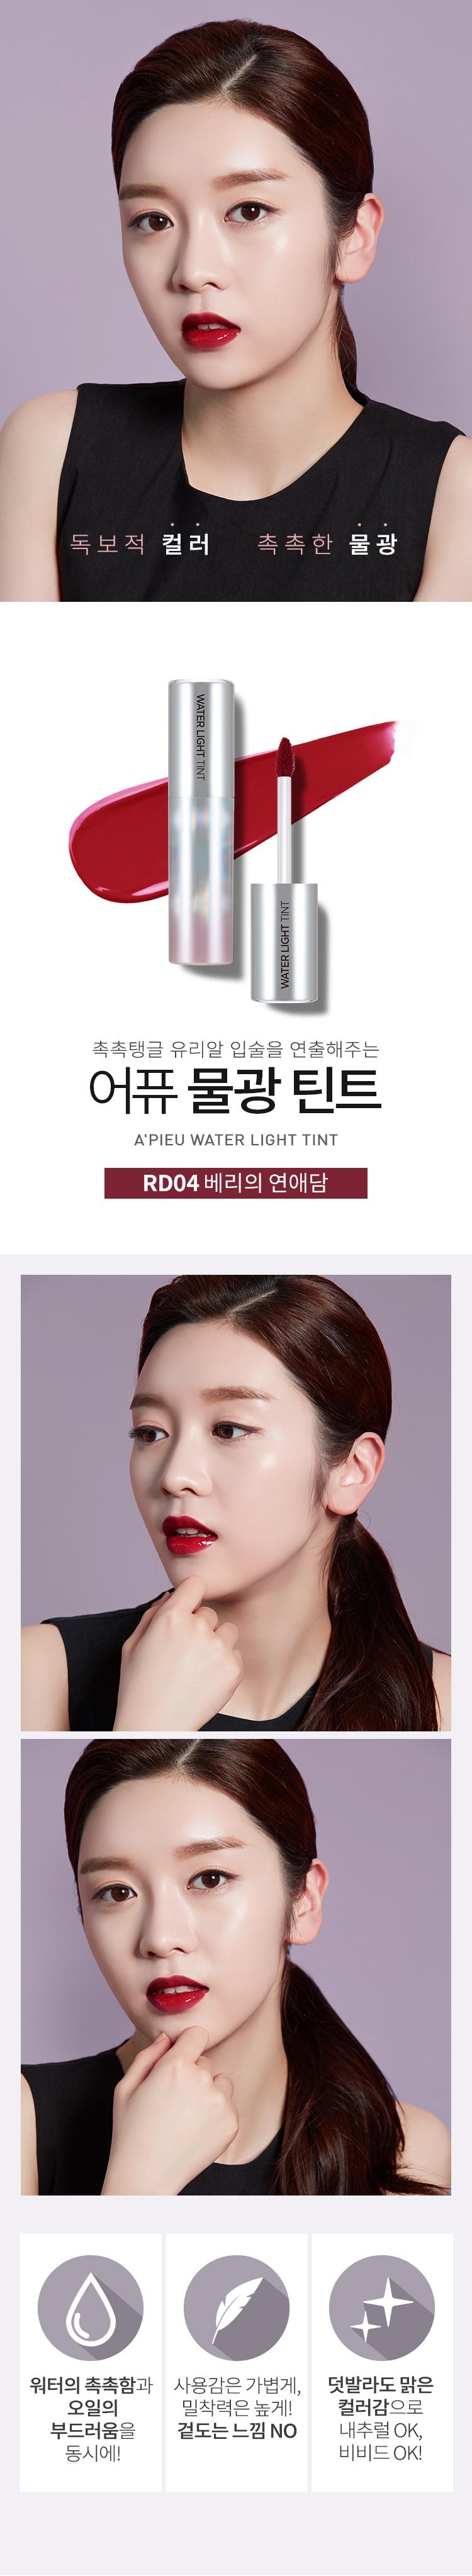 APIEU_Water_Light_Tint_RD04_01.jpg